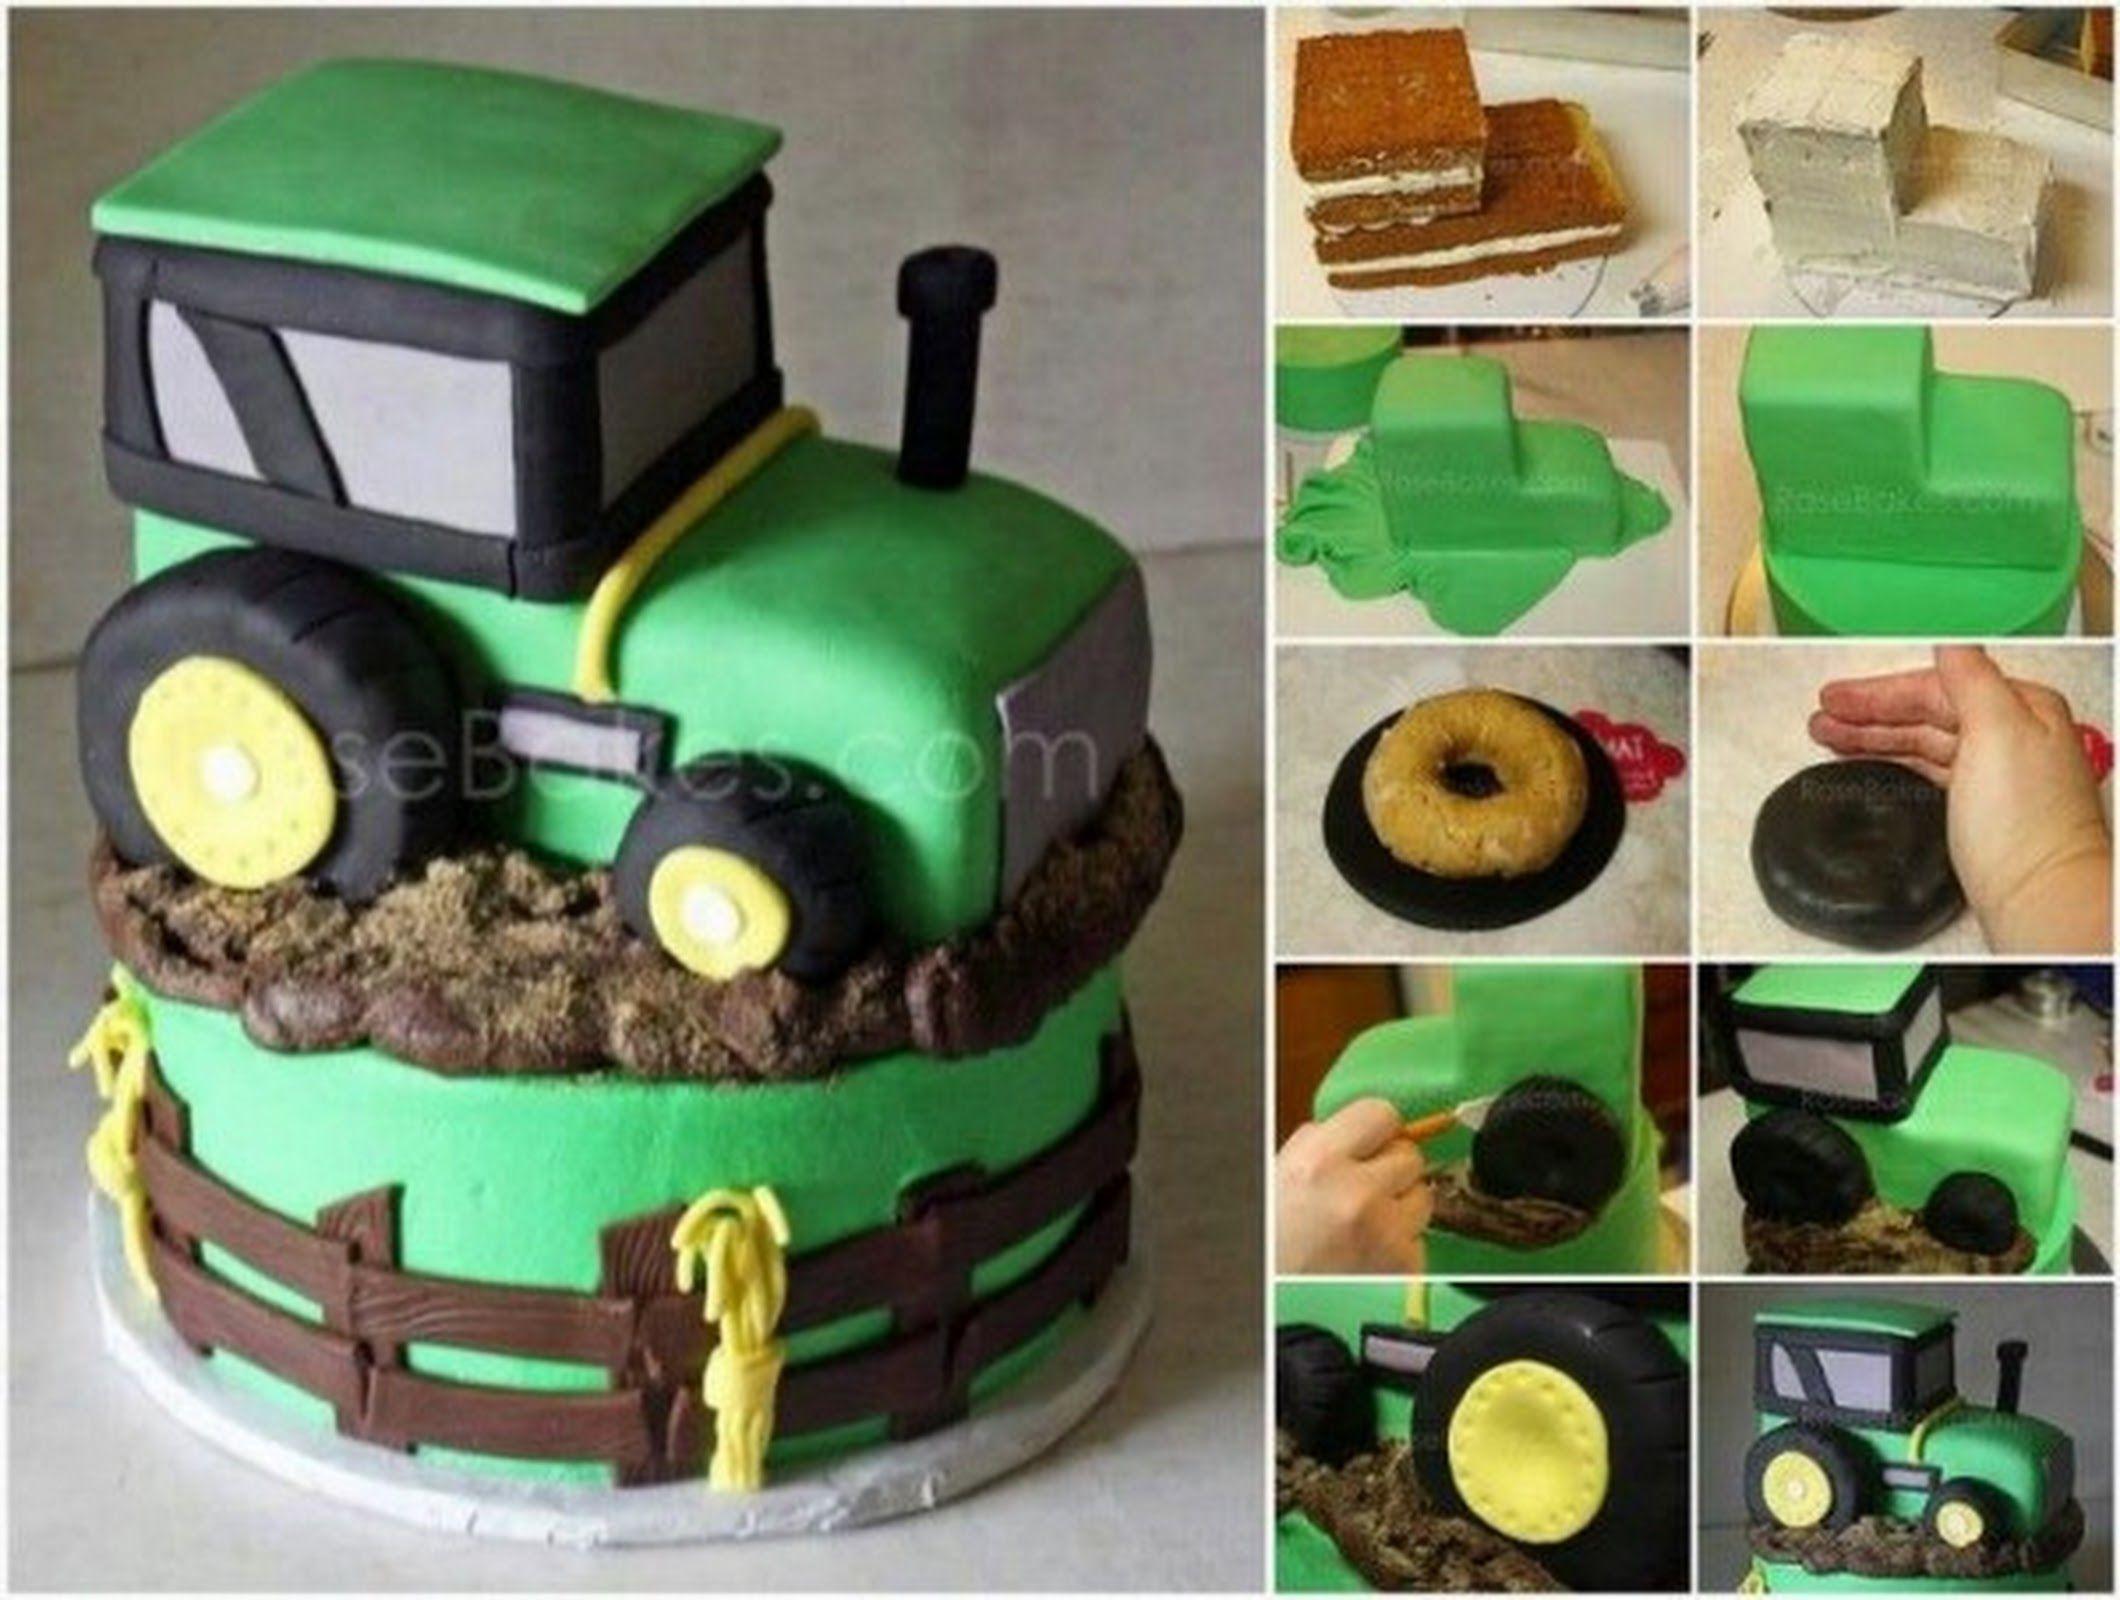 How To Make A Tractor Cake How To Instructions Traktor Kuchen Kuchen Kindergeburtstag Geburtstagskuchen Kind